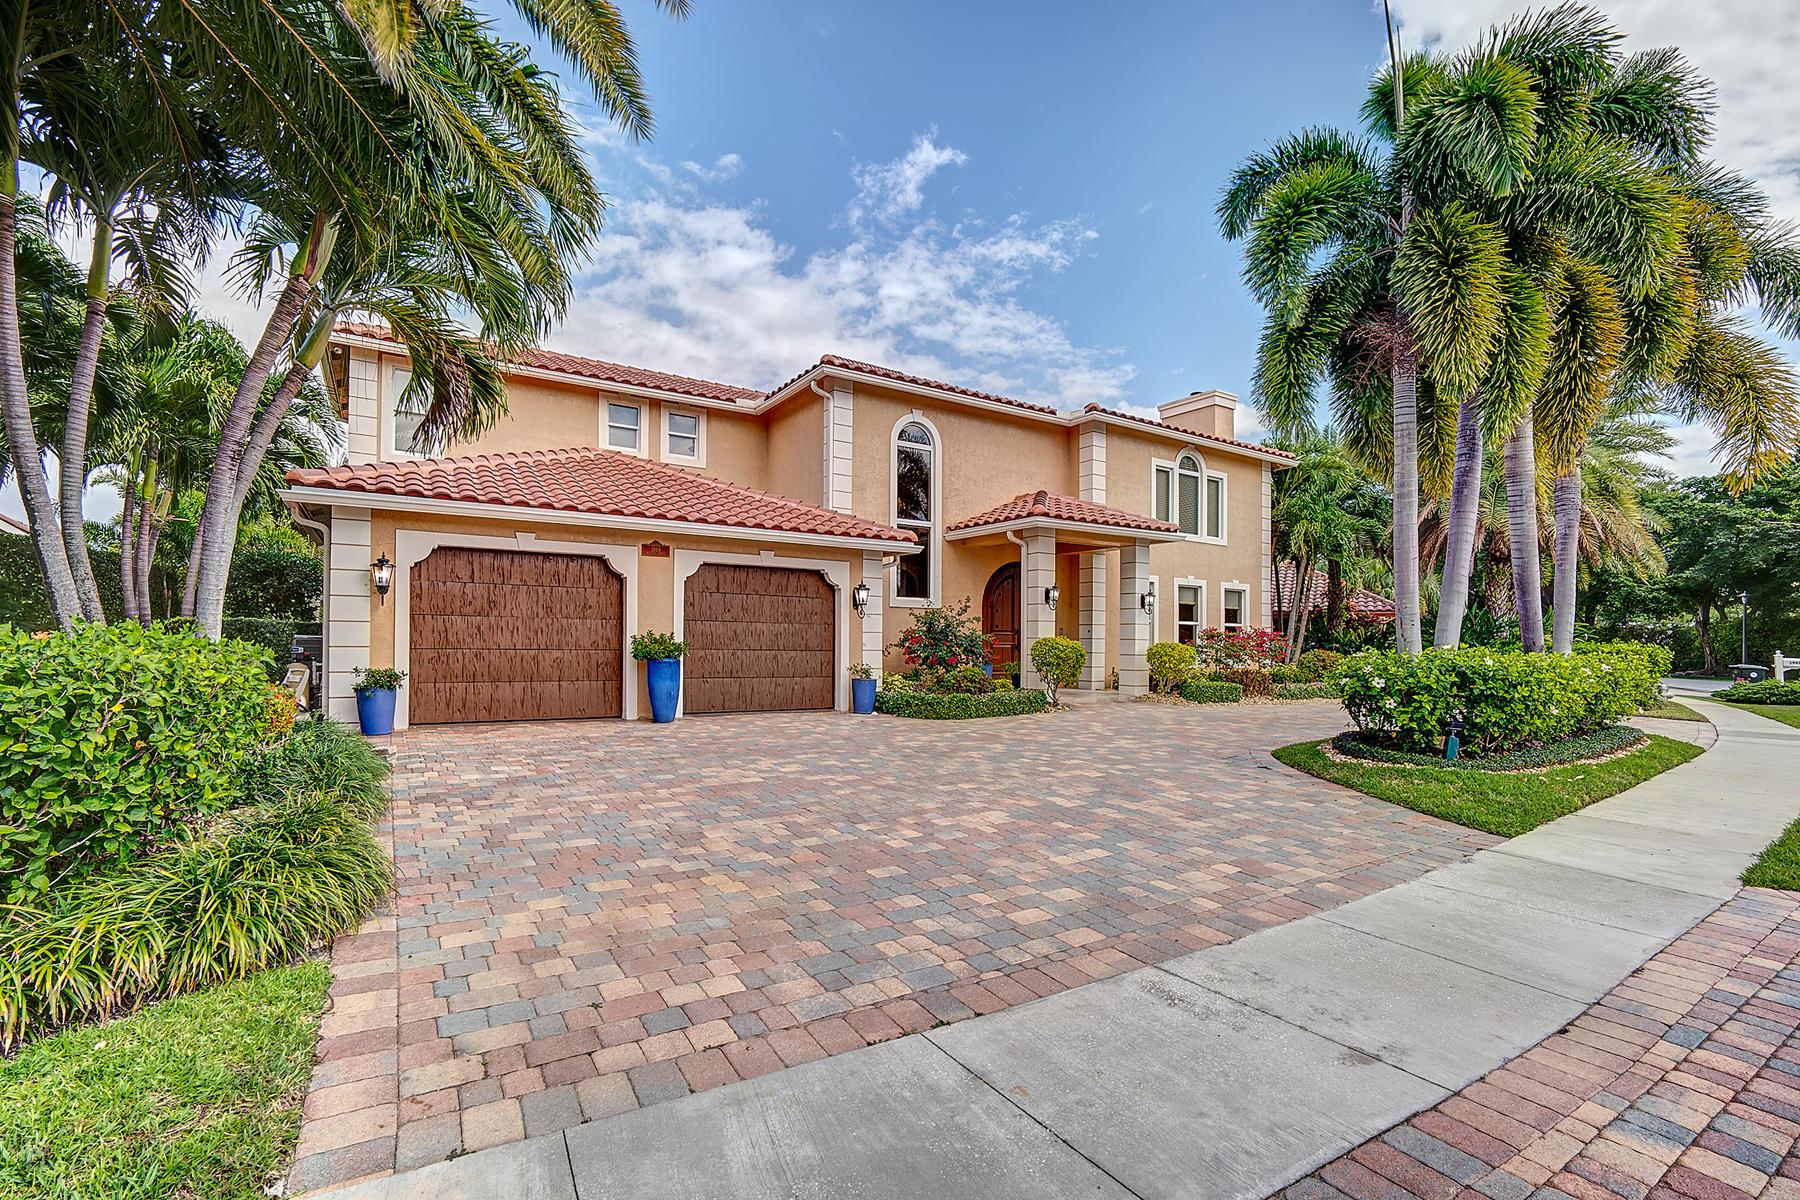 Home for sale in Boca Sailing & Racquet Boca Raton Florida